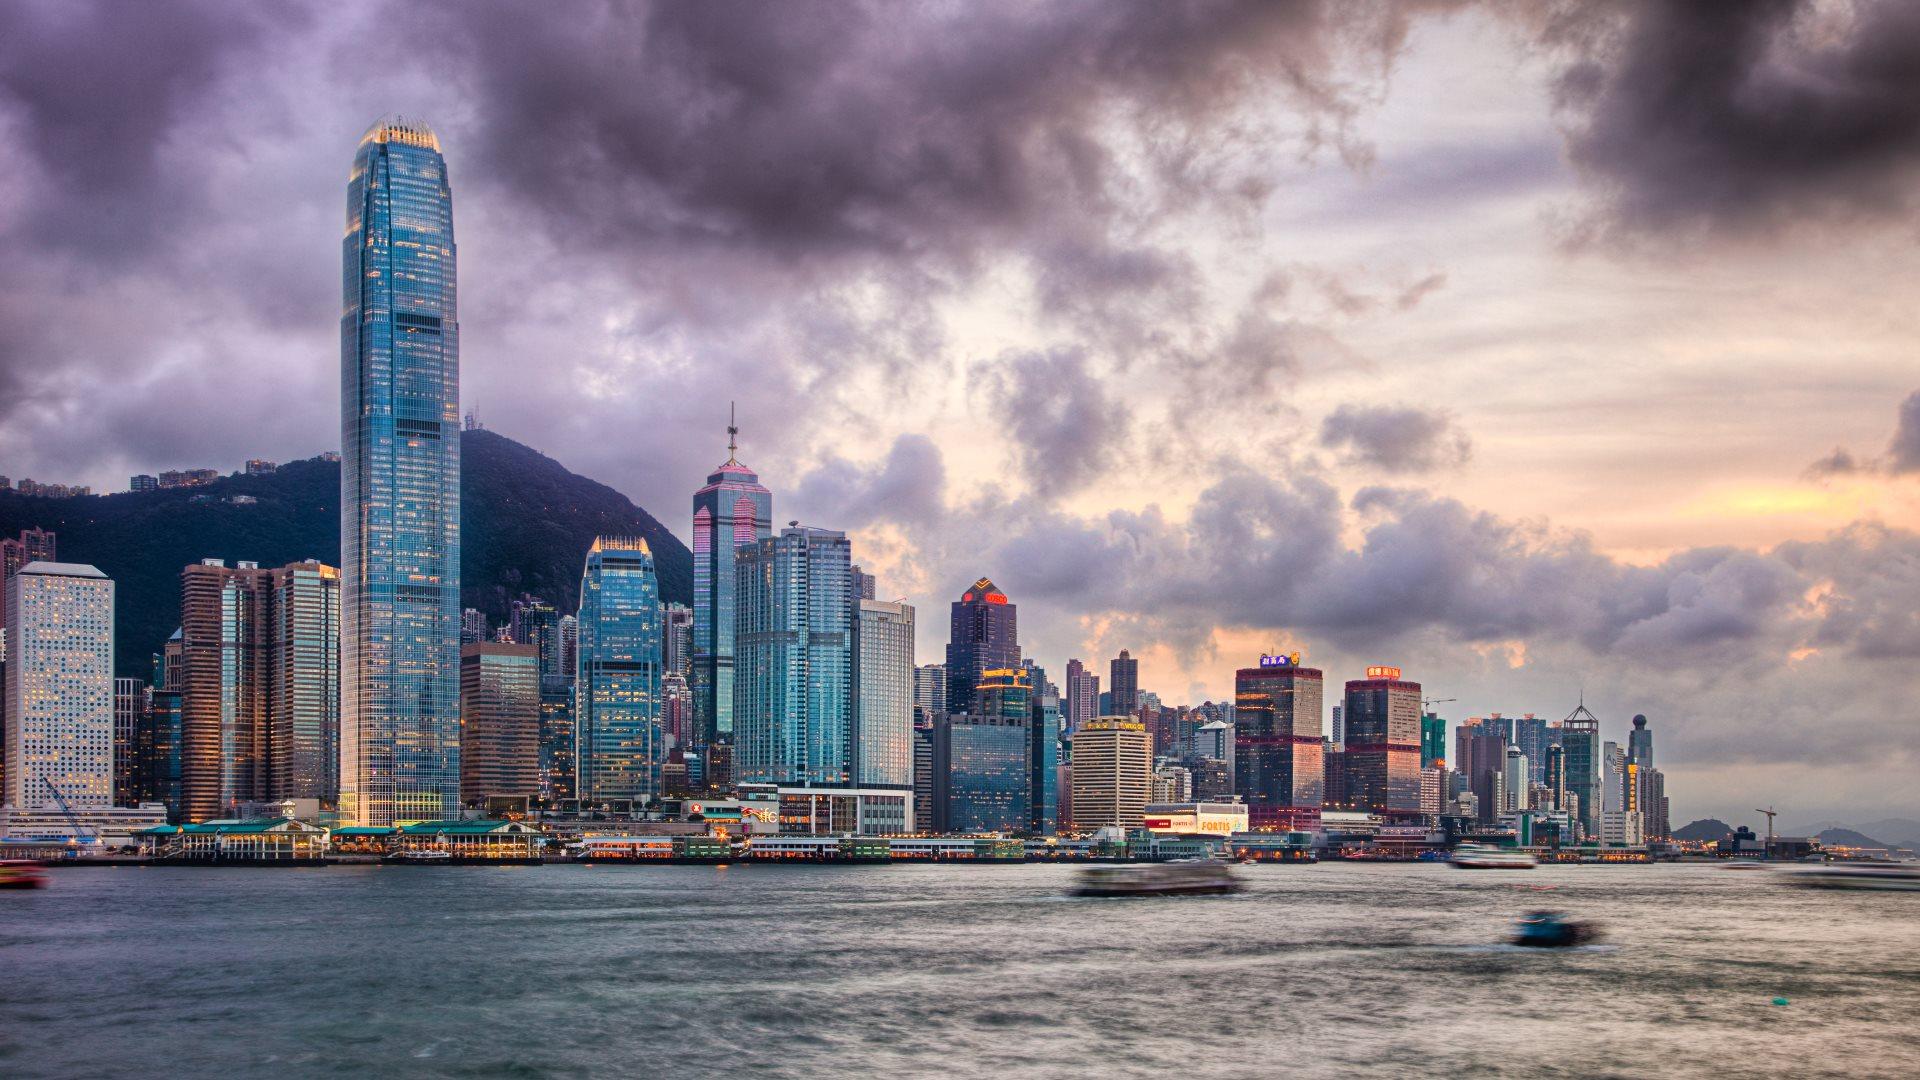 Hong Kong wallpaper images travel